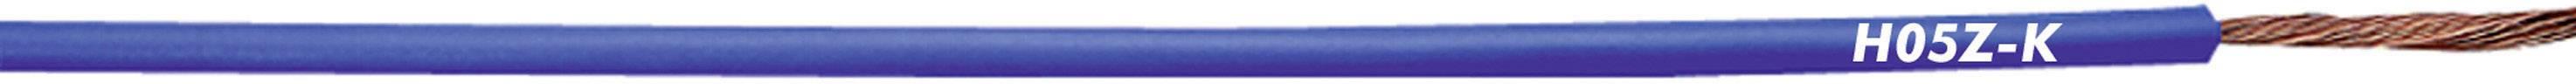 Opletenie / lanko LappKabel 4725022 H05Z-K, 1 x 0.75 mm², vonkajší Ø 2.30 mm, metrový tovar, modrá